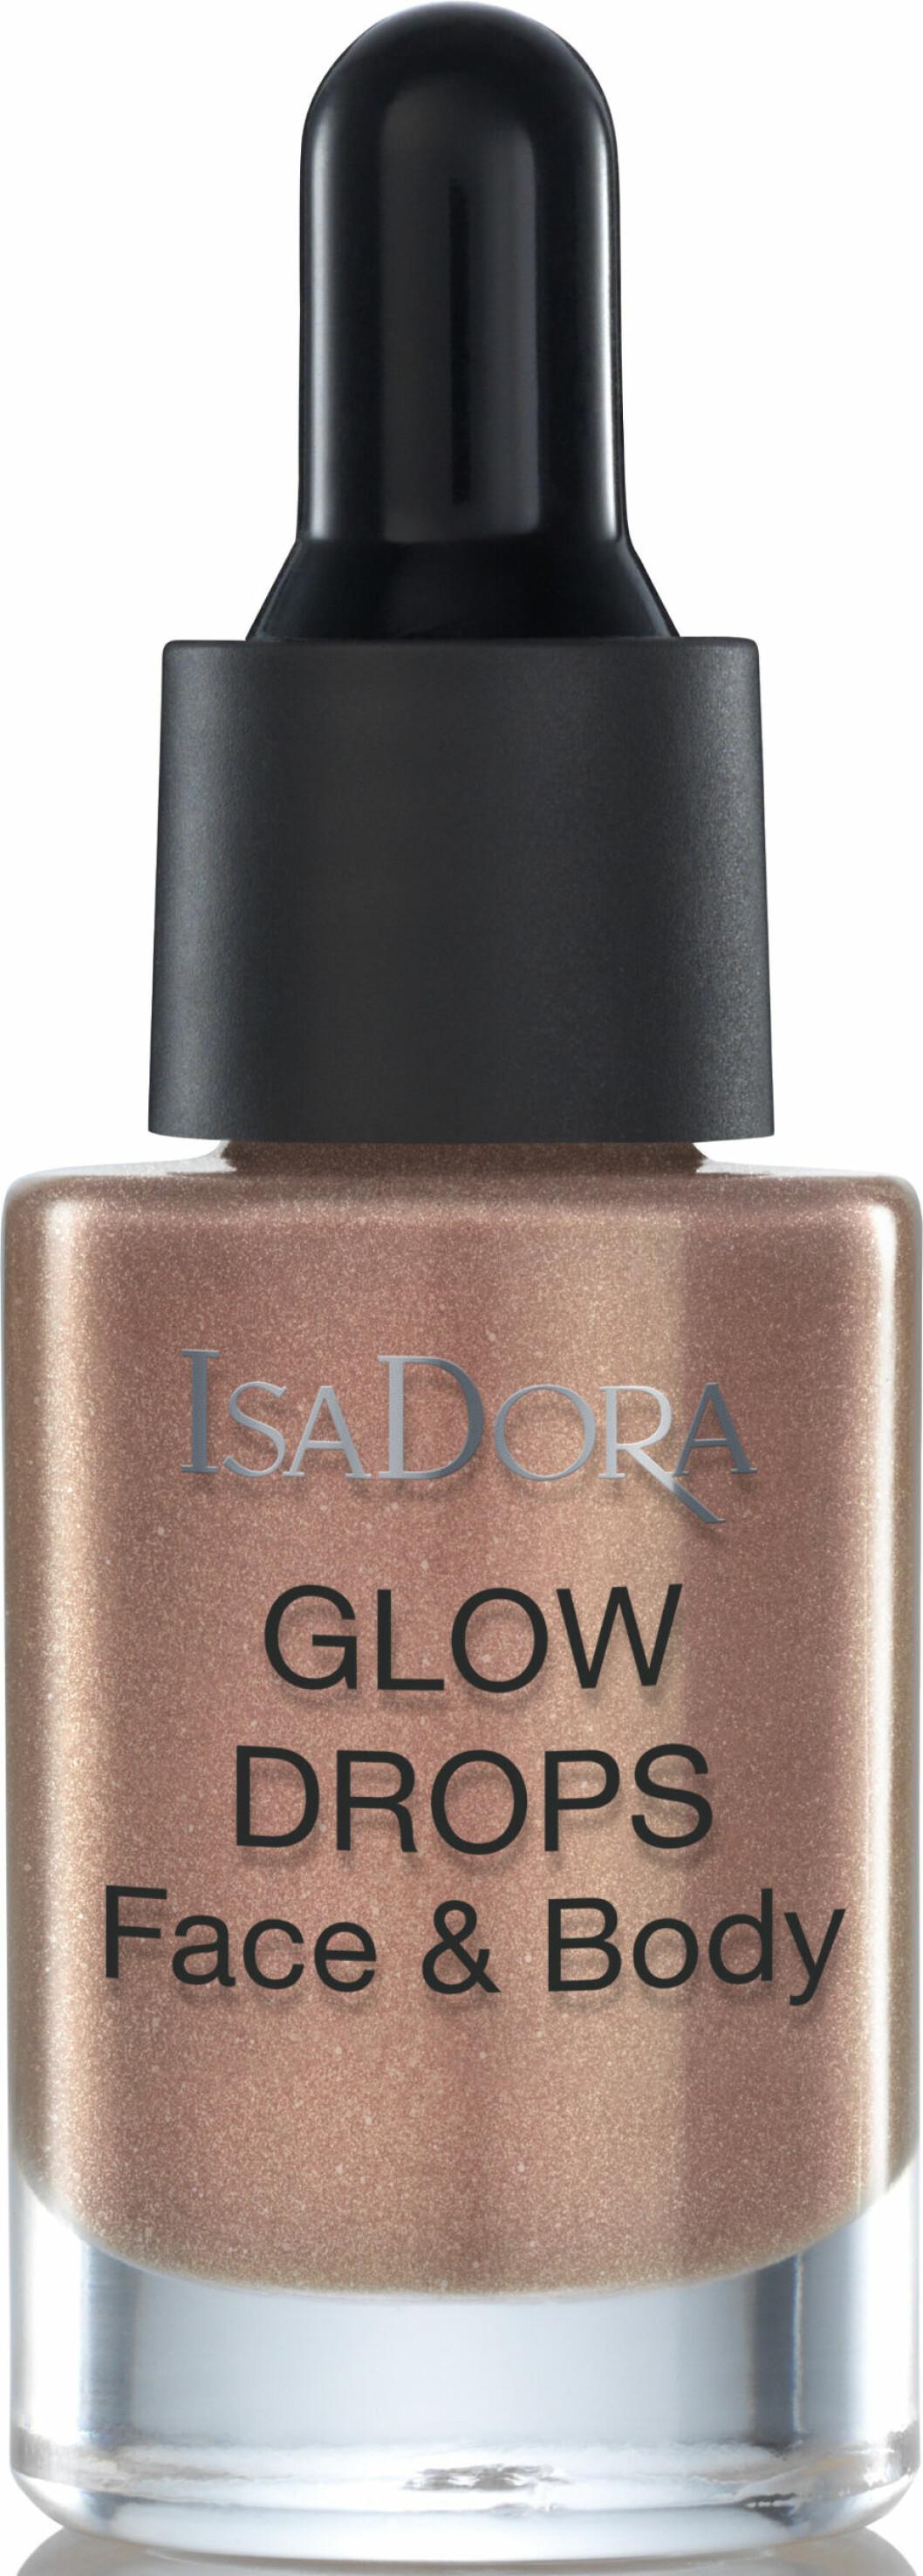 Highlighter från Isadora